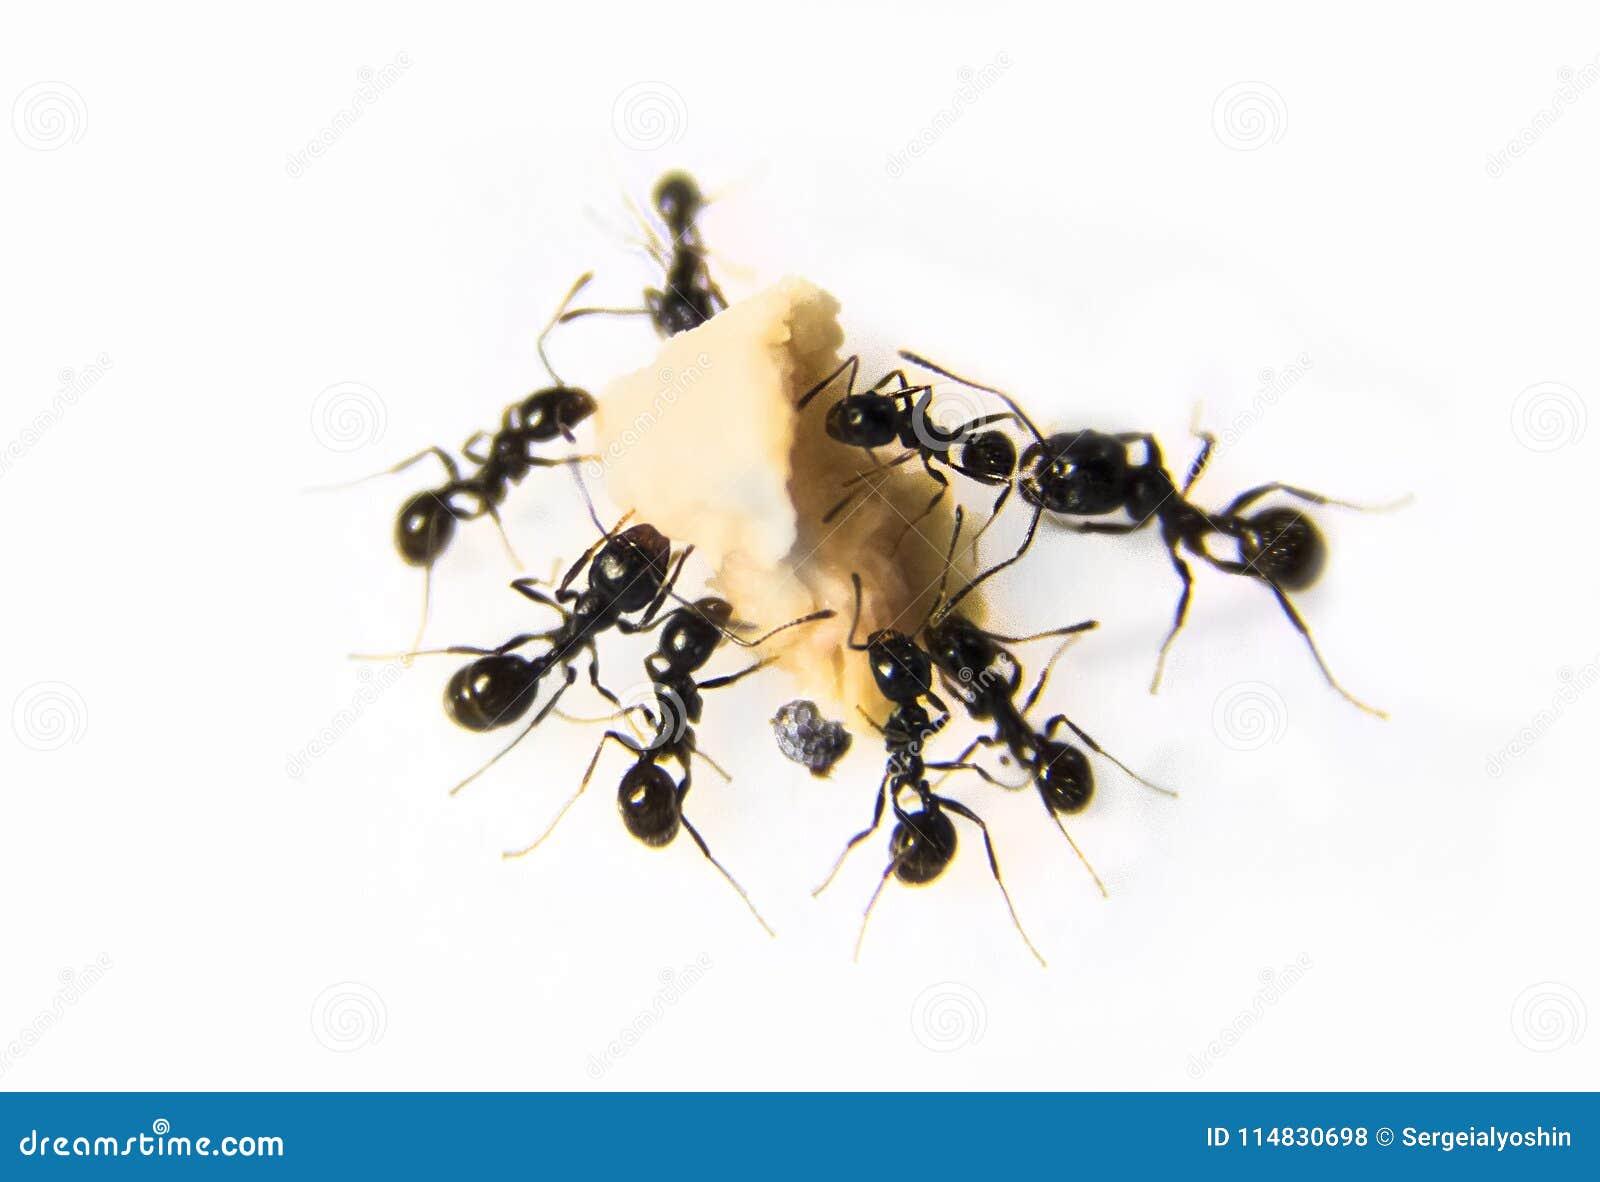 Gemütlich Kleine Schwarze Ameisen In Küche Und Bad Bilder - Küche ...